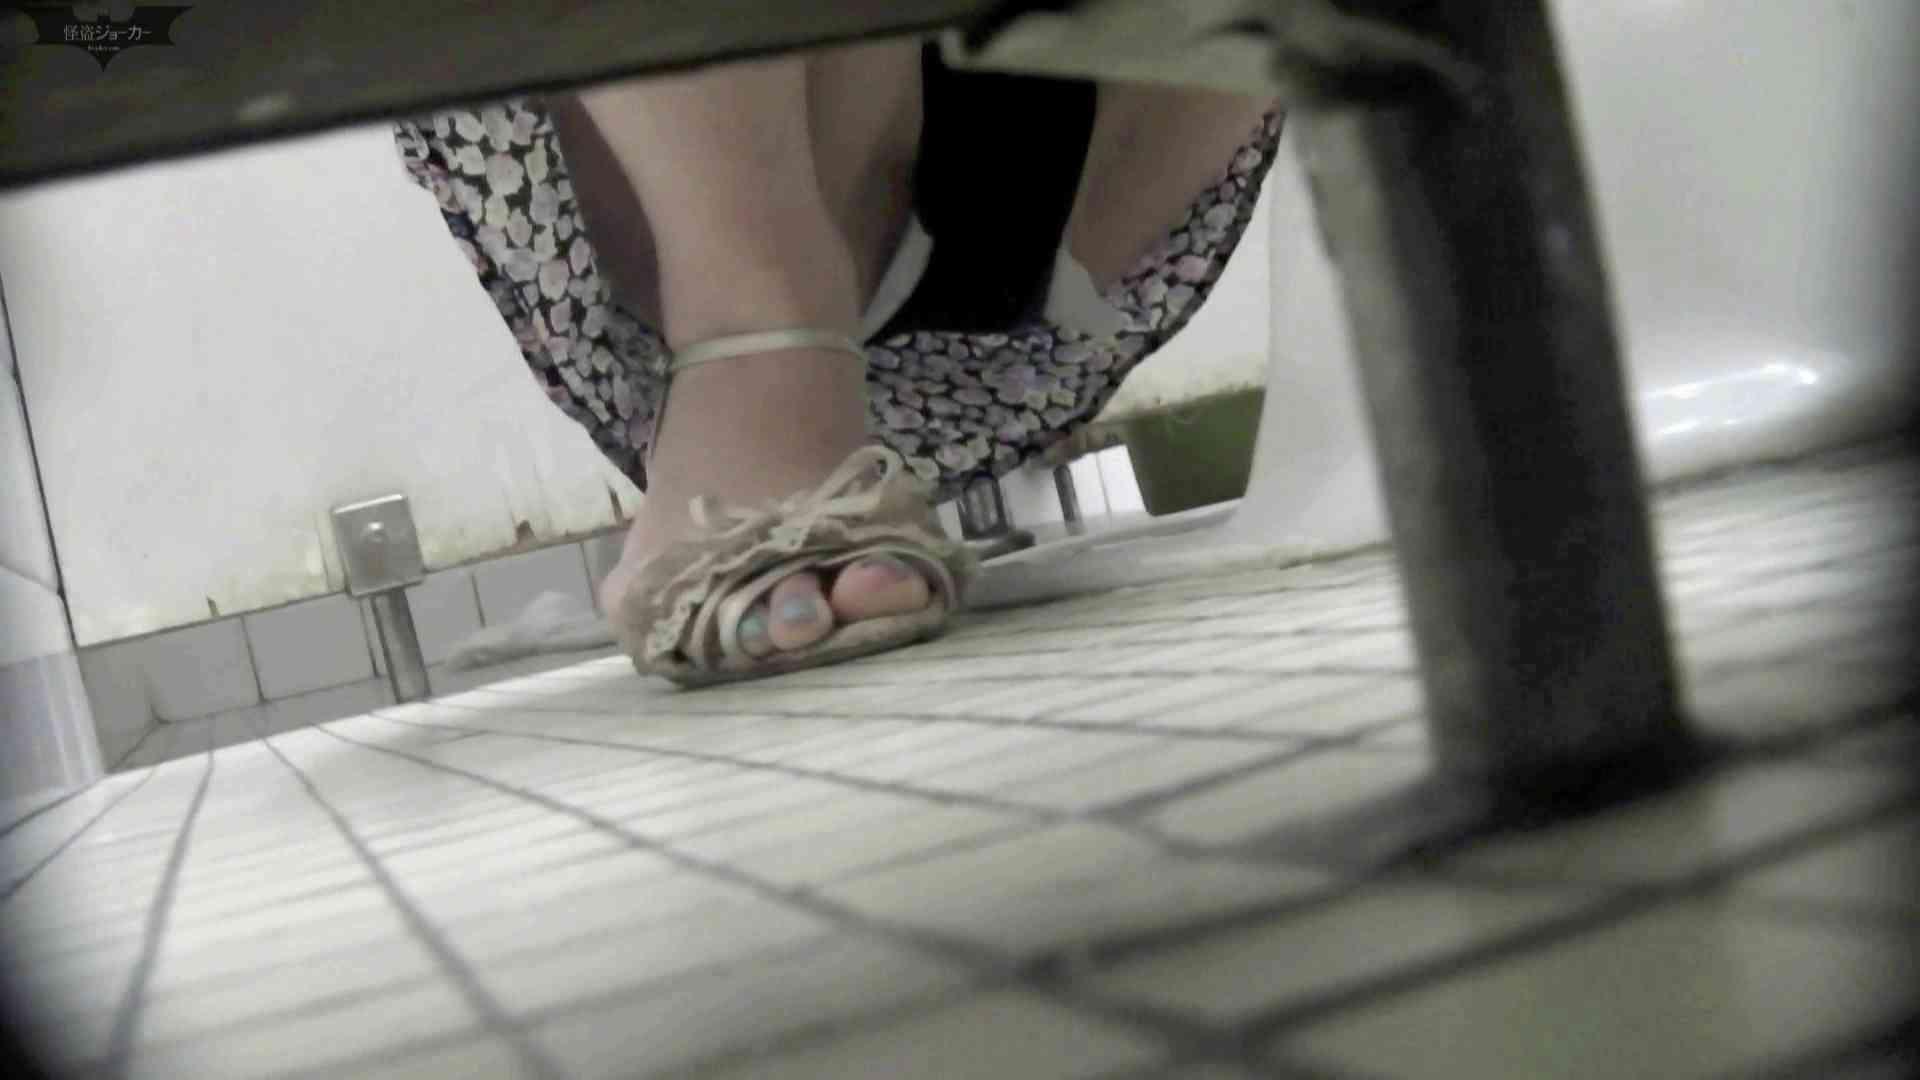 無修正エロ動画:洗面所特攻隊 vol.72 番外編 「最後の女性」の特集 番外編:怪盗ジョーカー